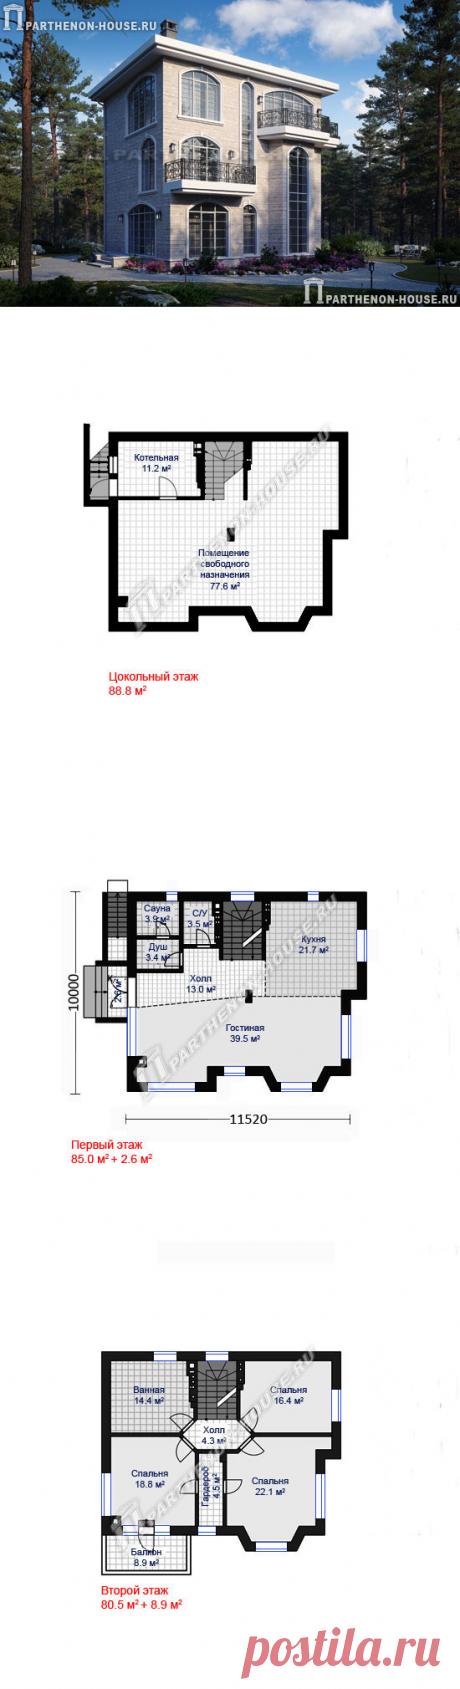 Проект трехэтажного дома с подвалом, сауной и плоской крышей ПА-321К Площадь общая: 321,00 кв.м. + 35,15 кв.м. Высота дома в коньке: 11,350 м. Габаритные размеры дома: 11,520 х 10,000 м. Минимальные размеры участка: 18,00 x 16,00 м.  Технология и конструкция: строительство дома из поризованной керамики